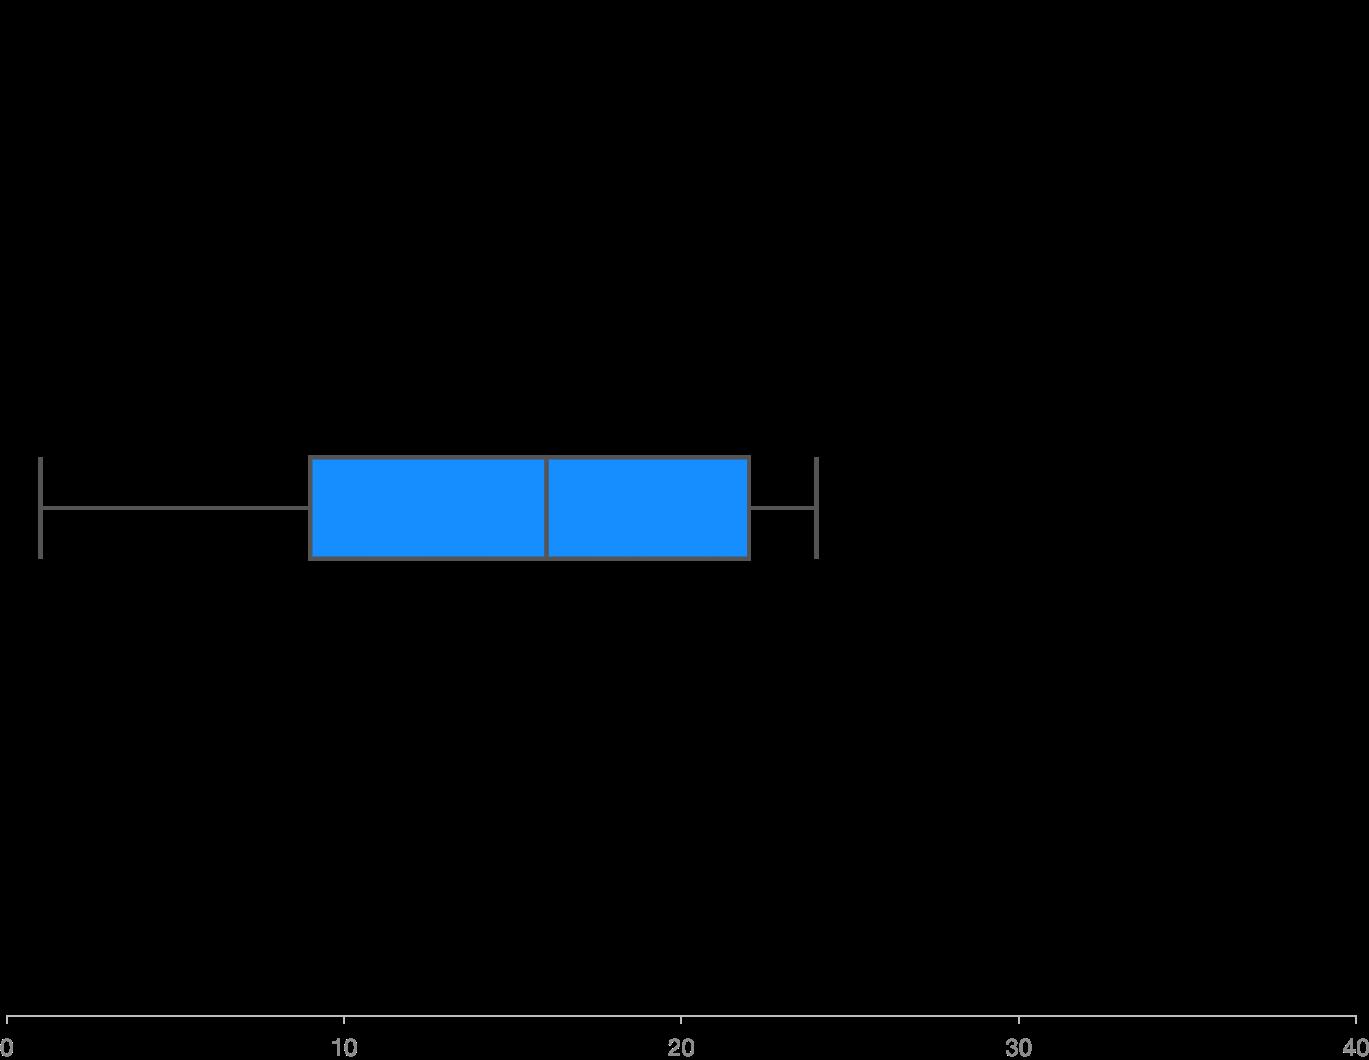 Basic Box Chart